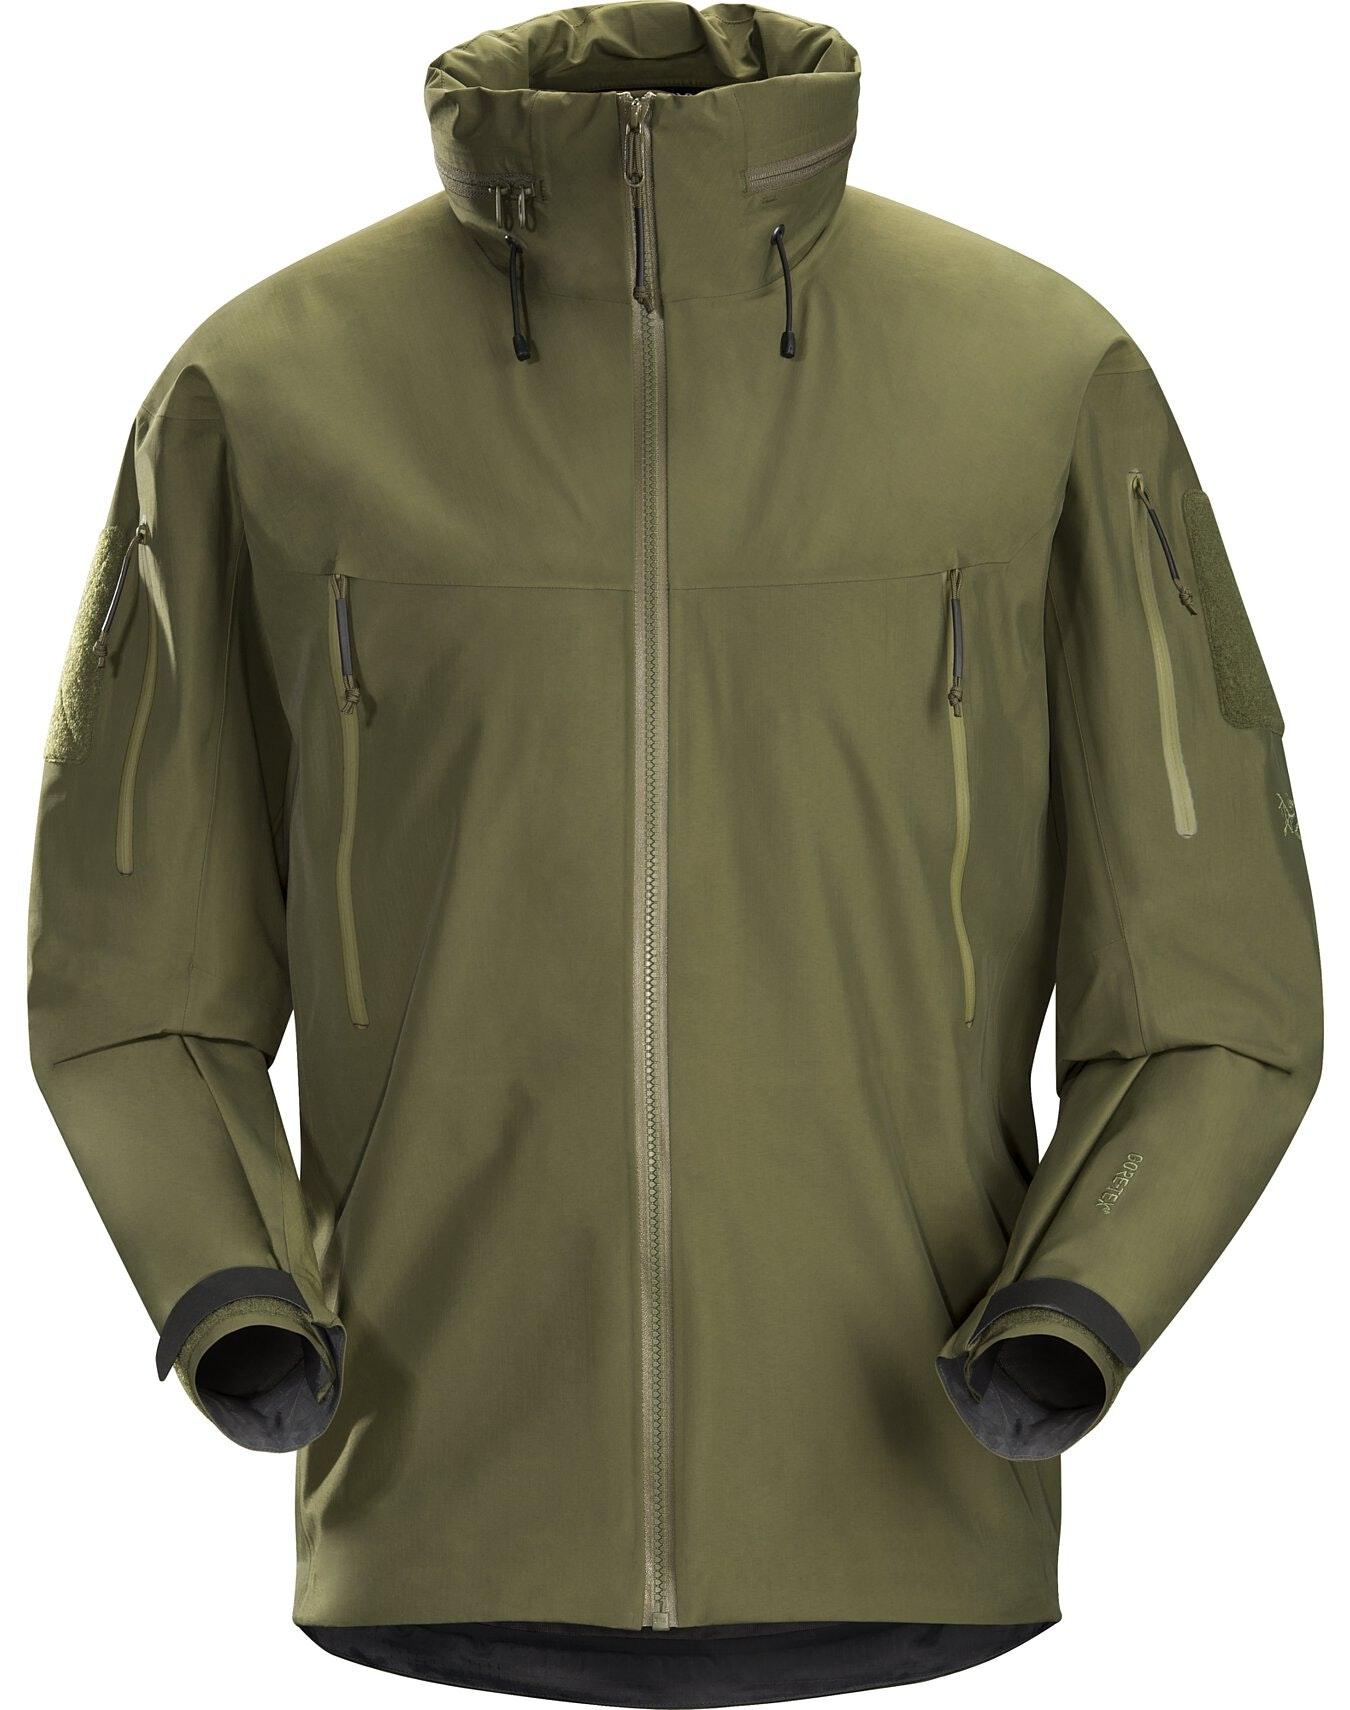 Alpha Jacket Gen 2 Ranger Green